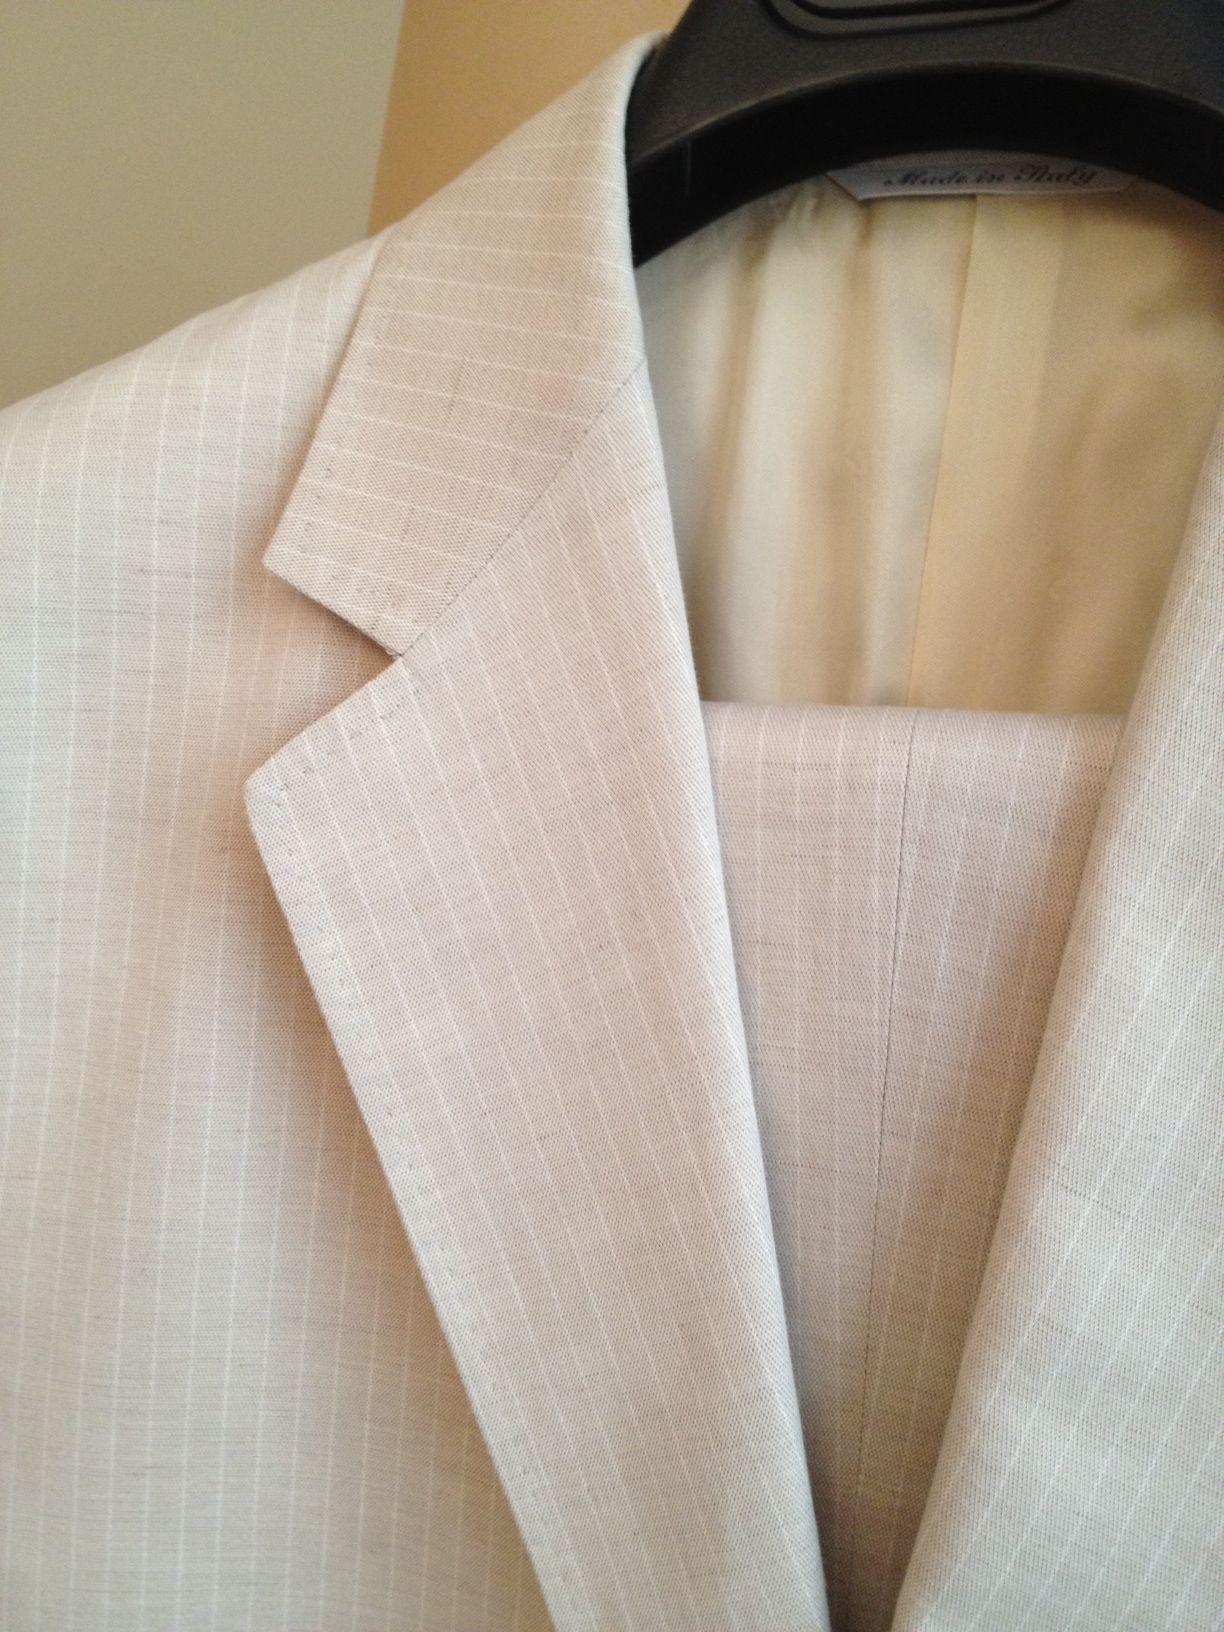 Canali Linen Suit (Size 52 European)